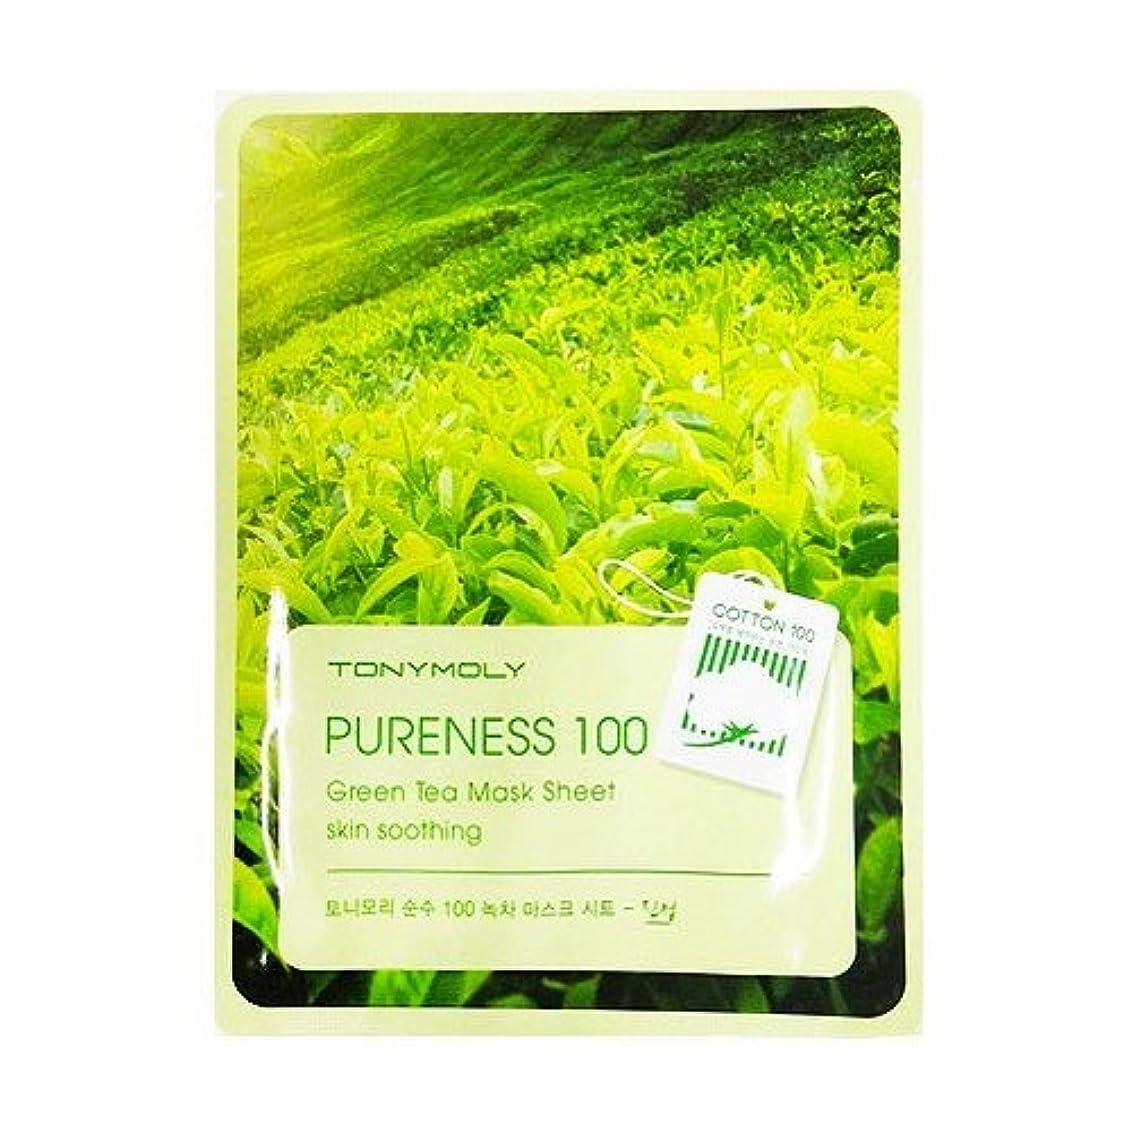 緊張ドラフト憂鬱(3 Pack) TONYMOLY Pureness 100 Green Tea Mask Sheet Skin Soothing (並行輸入品)